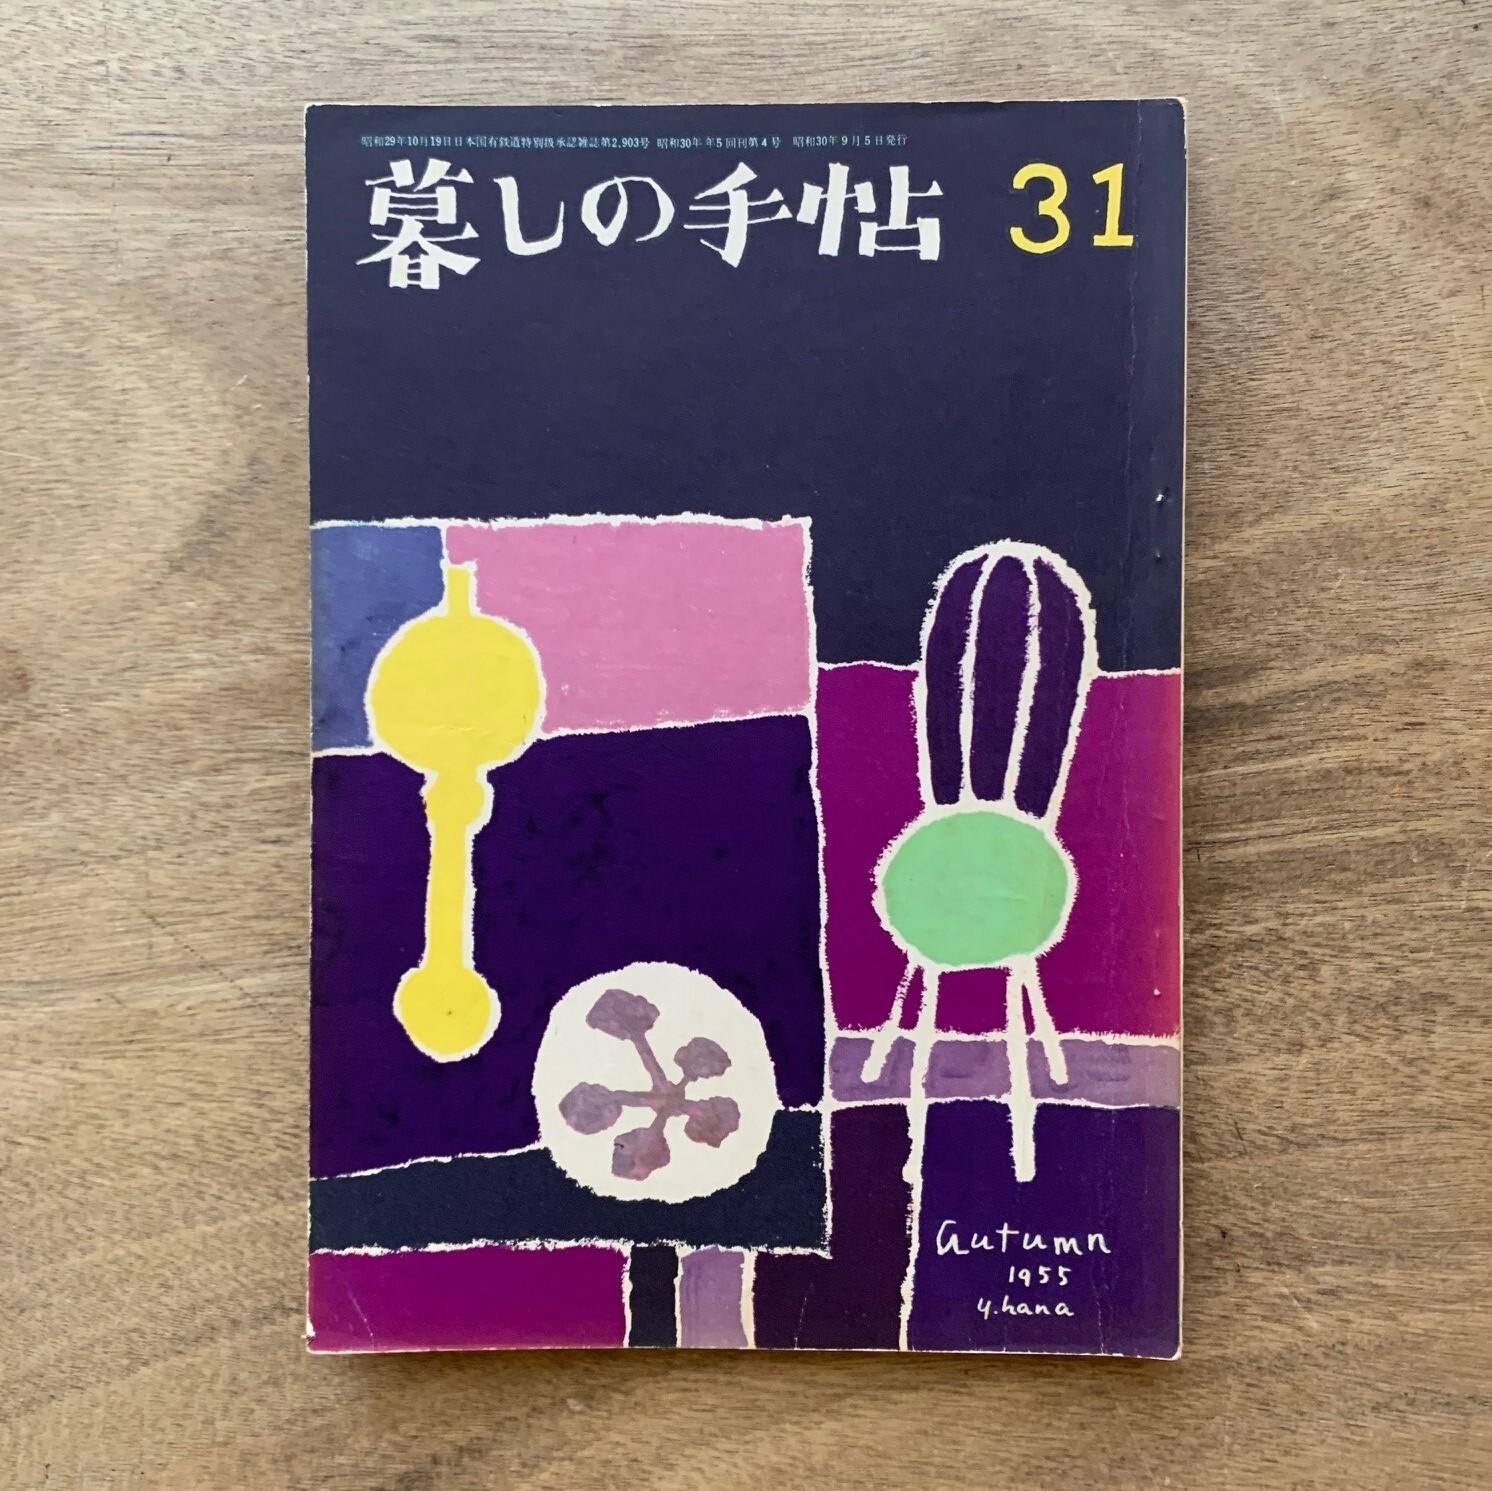 暮しの手帖  /  第一世紀31号  /  暮しの手帖社